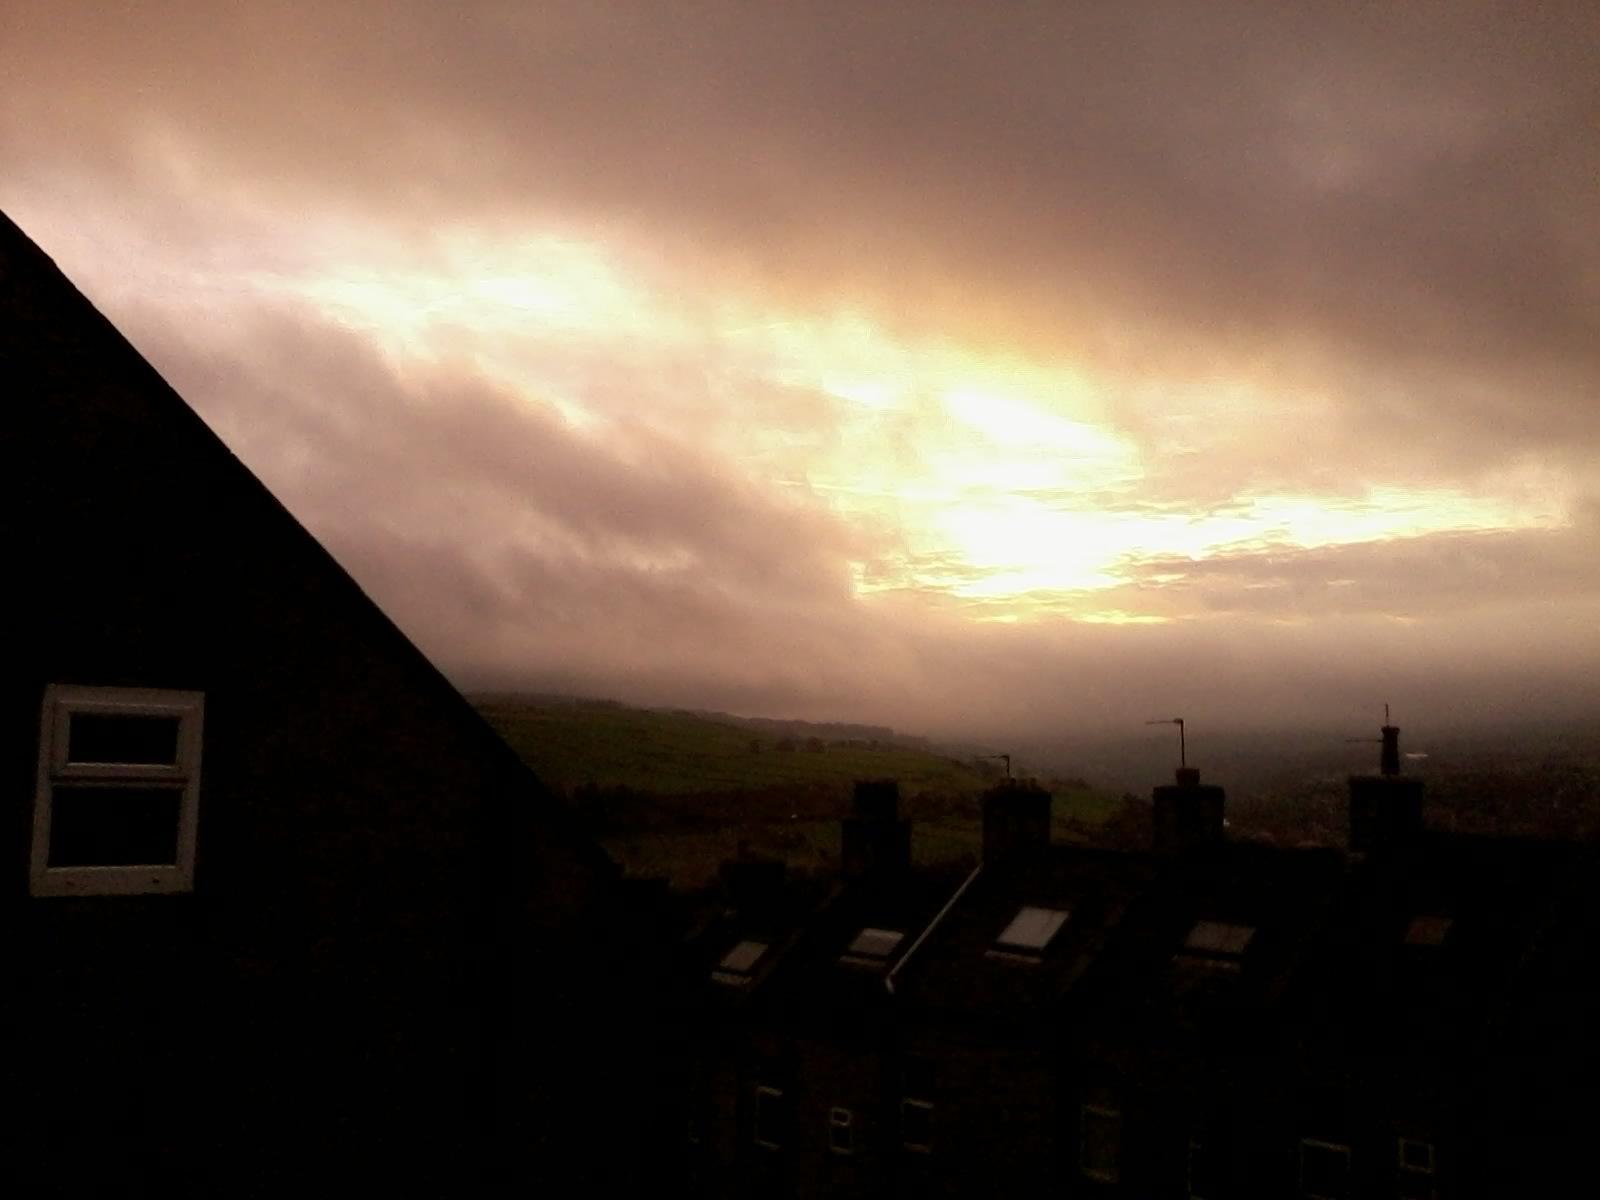 Darken sunset by rob.lloyd.3954